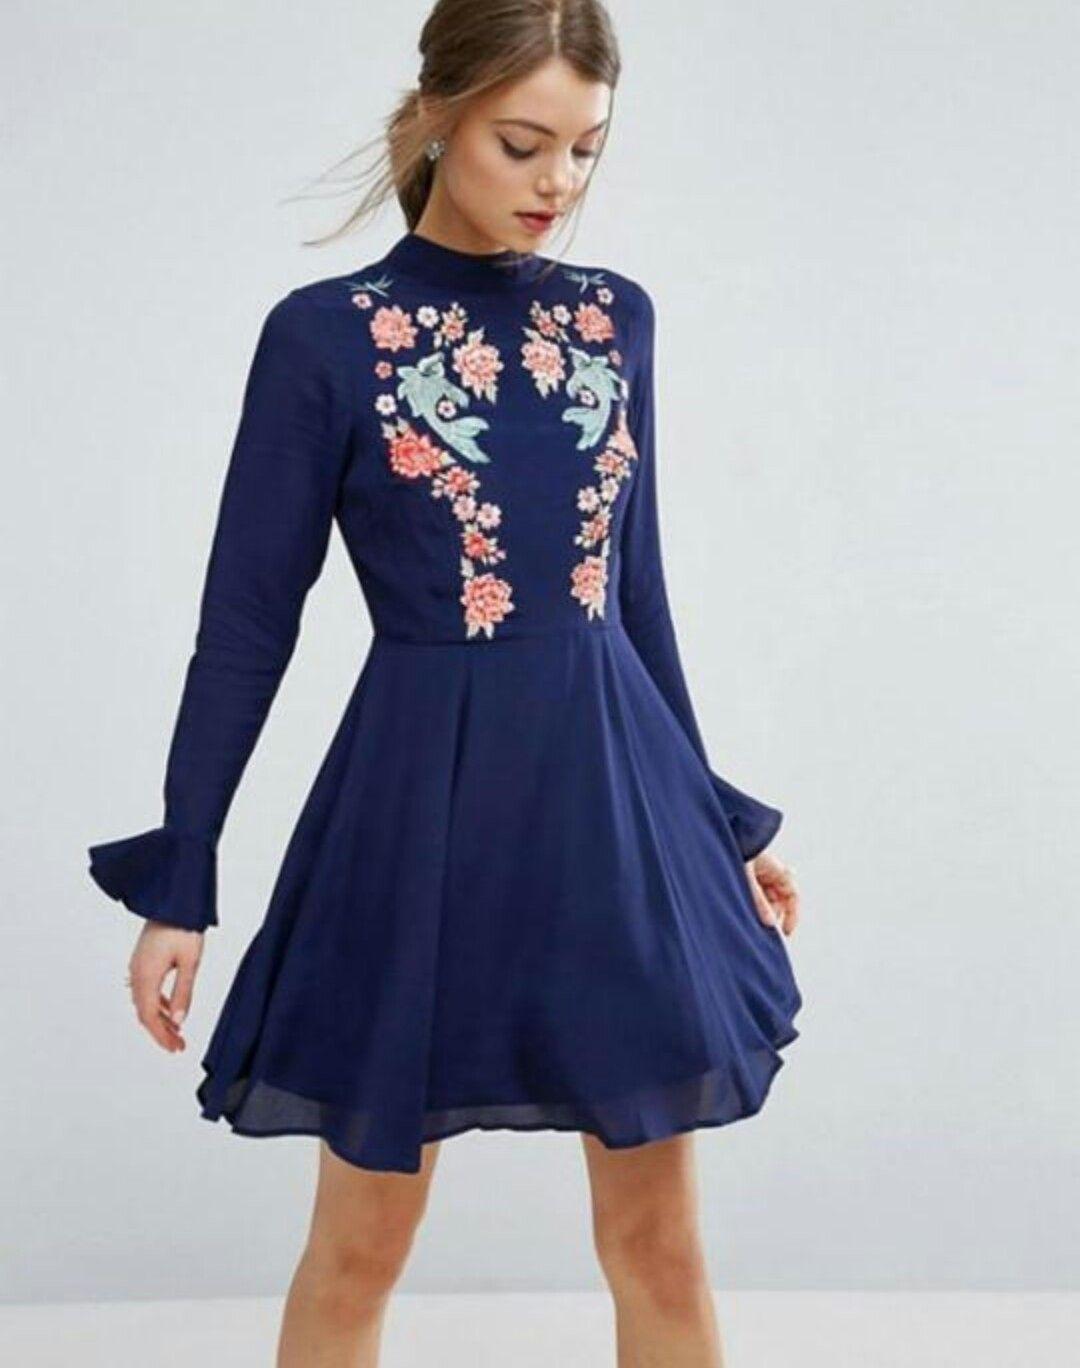 Pin von Rose Yusuf auf Dress | Pinterest